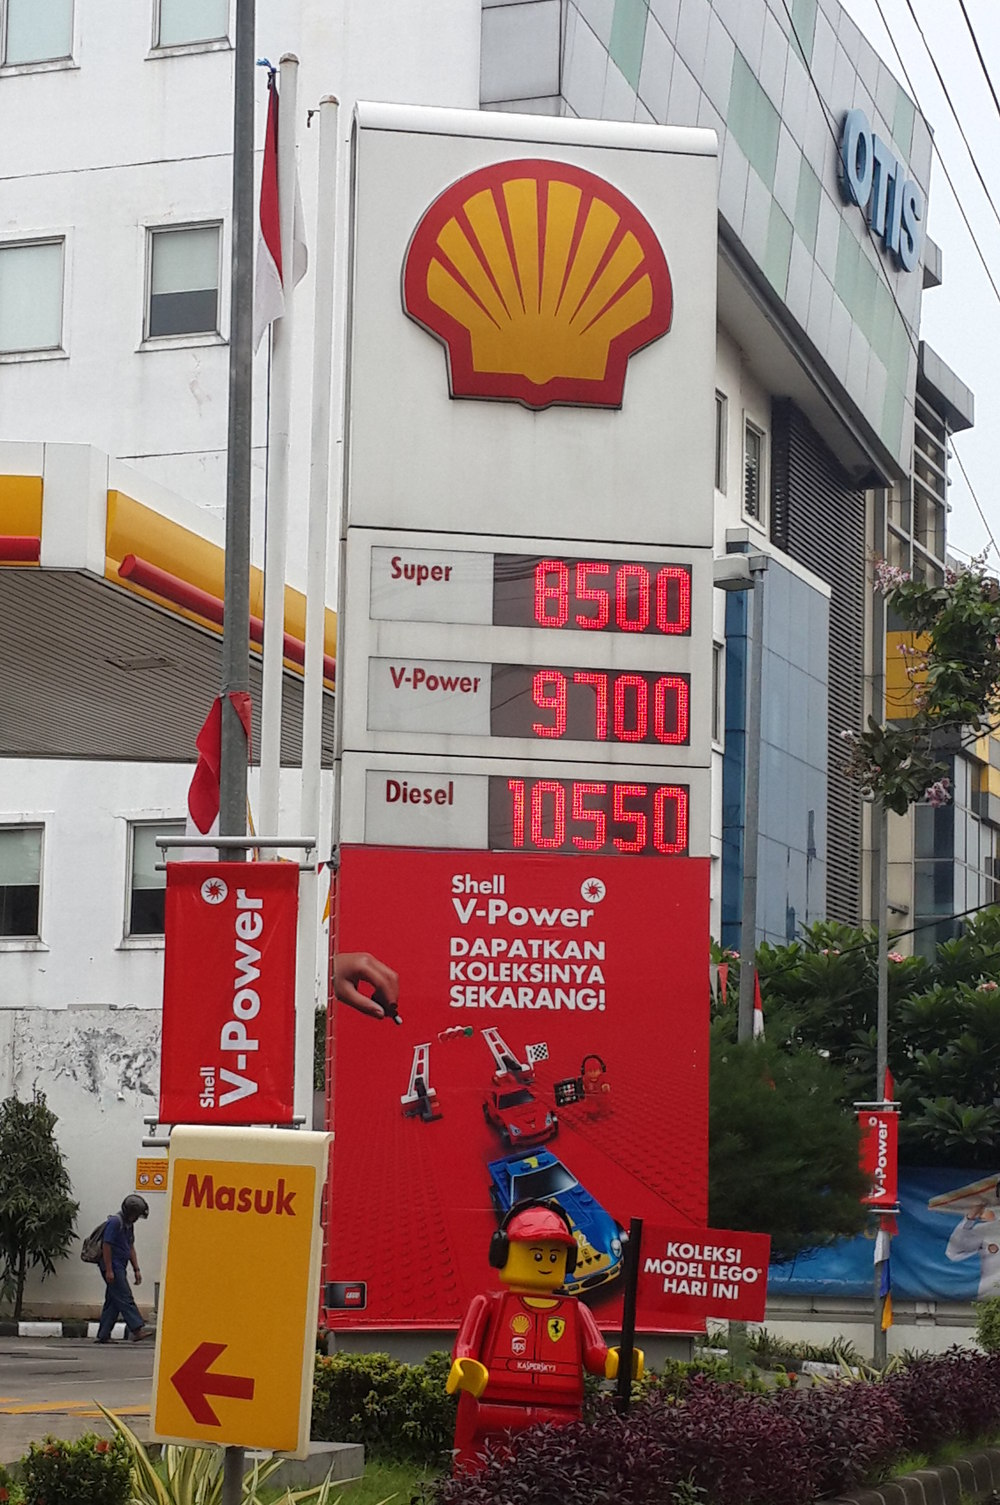 Harga Bensin Shell Naik Rp 150 Liter